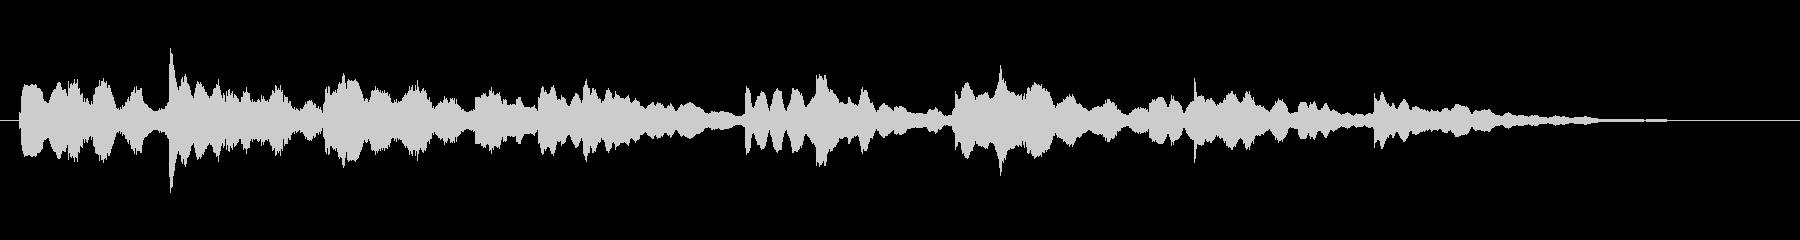 オルゴールのような電子ピアノ曲の未再生の波形